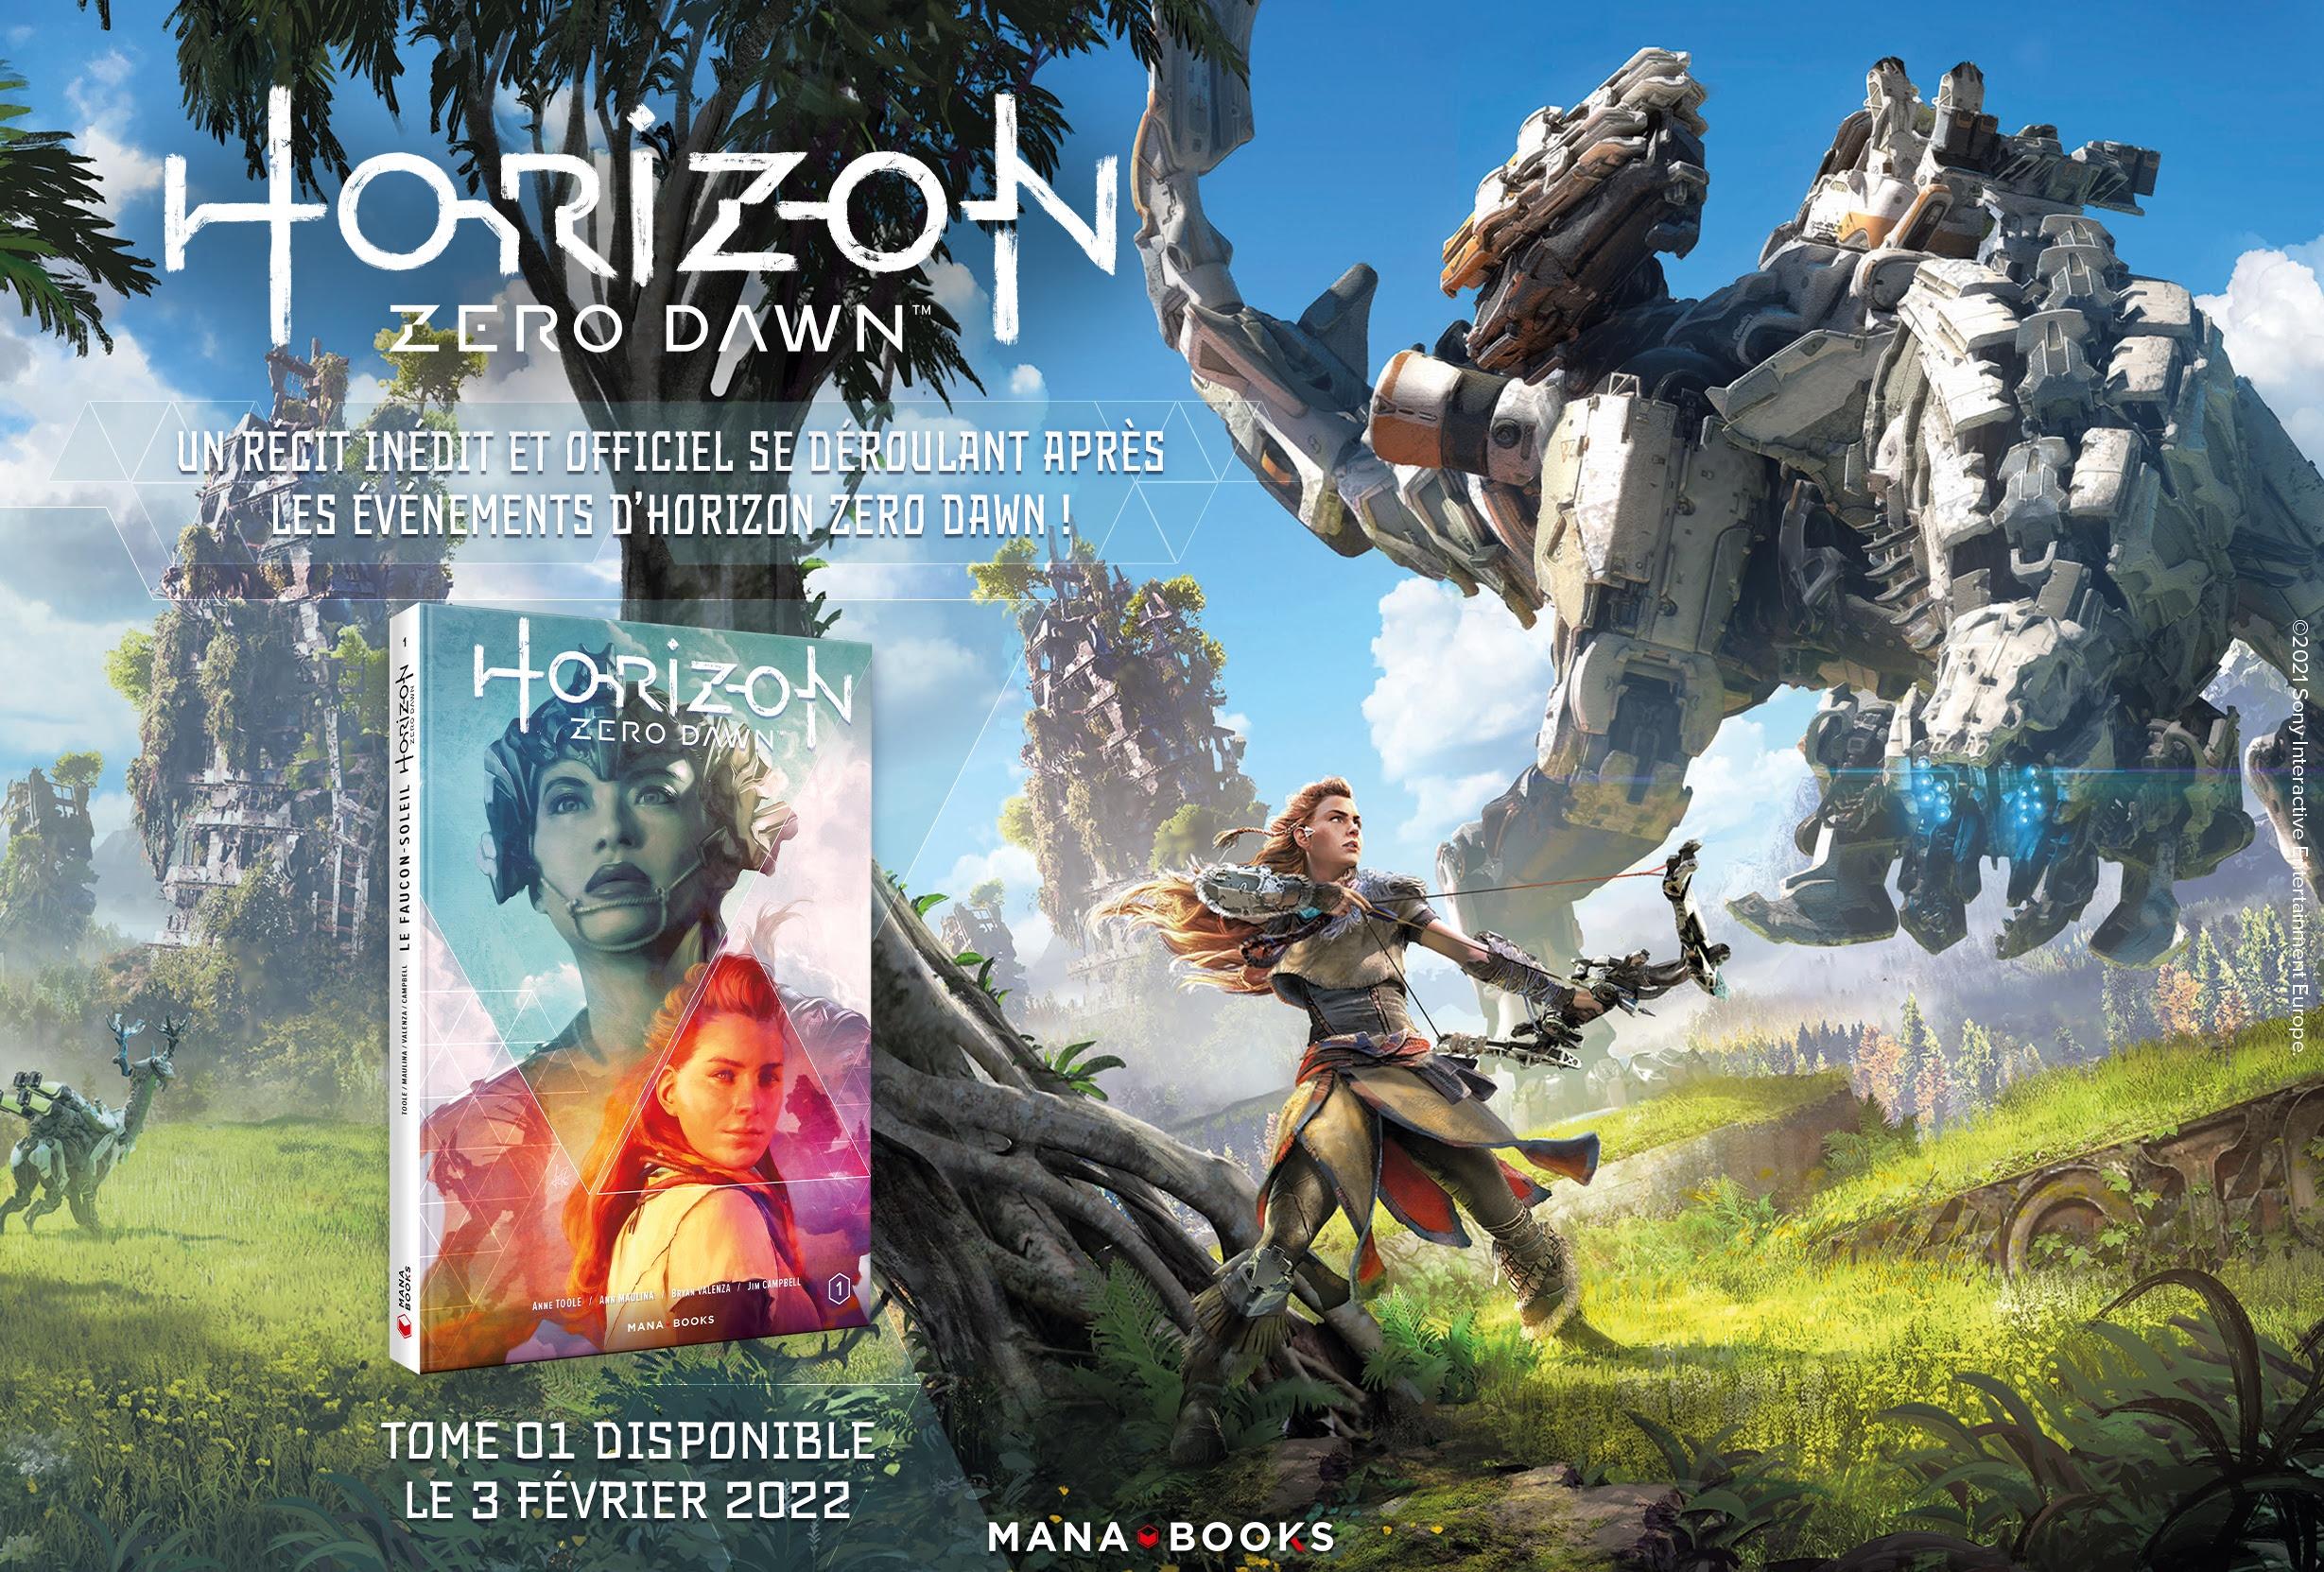 Zero-Dawn-arrive-chez-Mana-Books-3 La version française de Horizon Zero Dawn arrive chez Mana Books